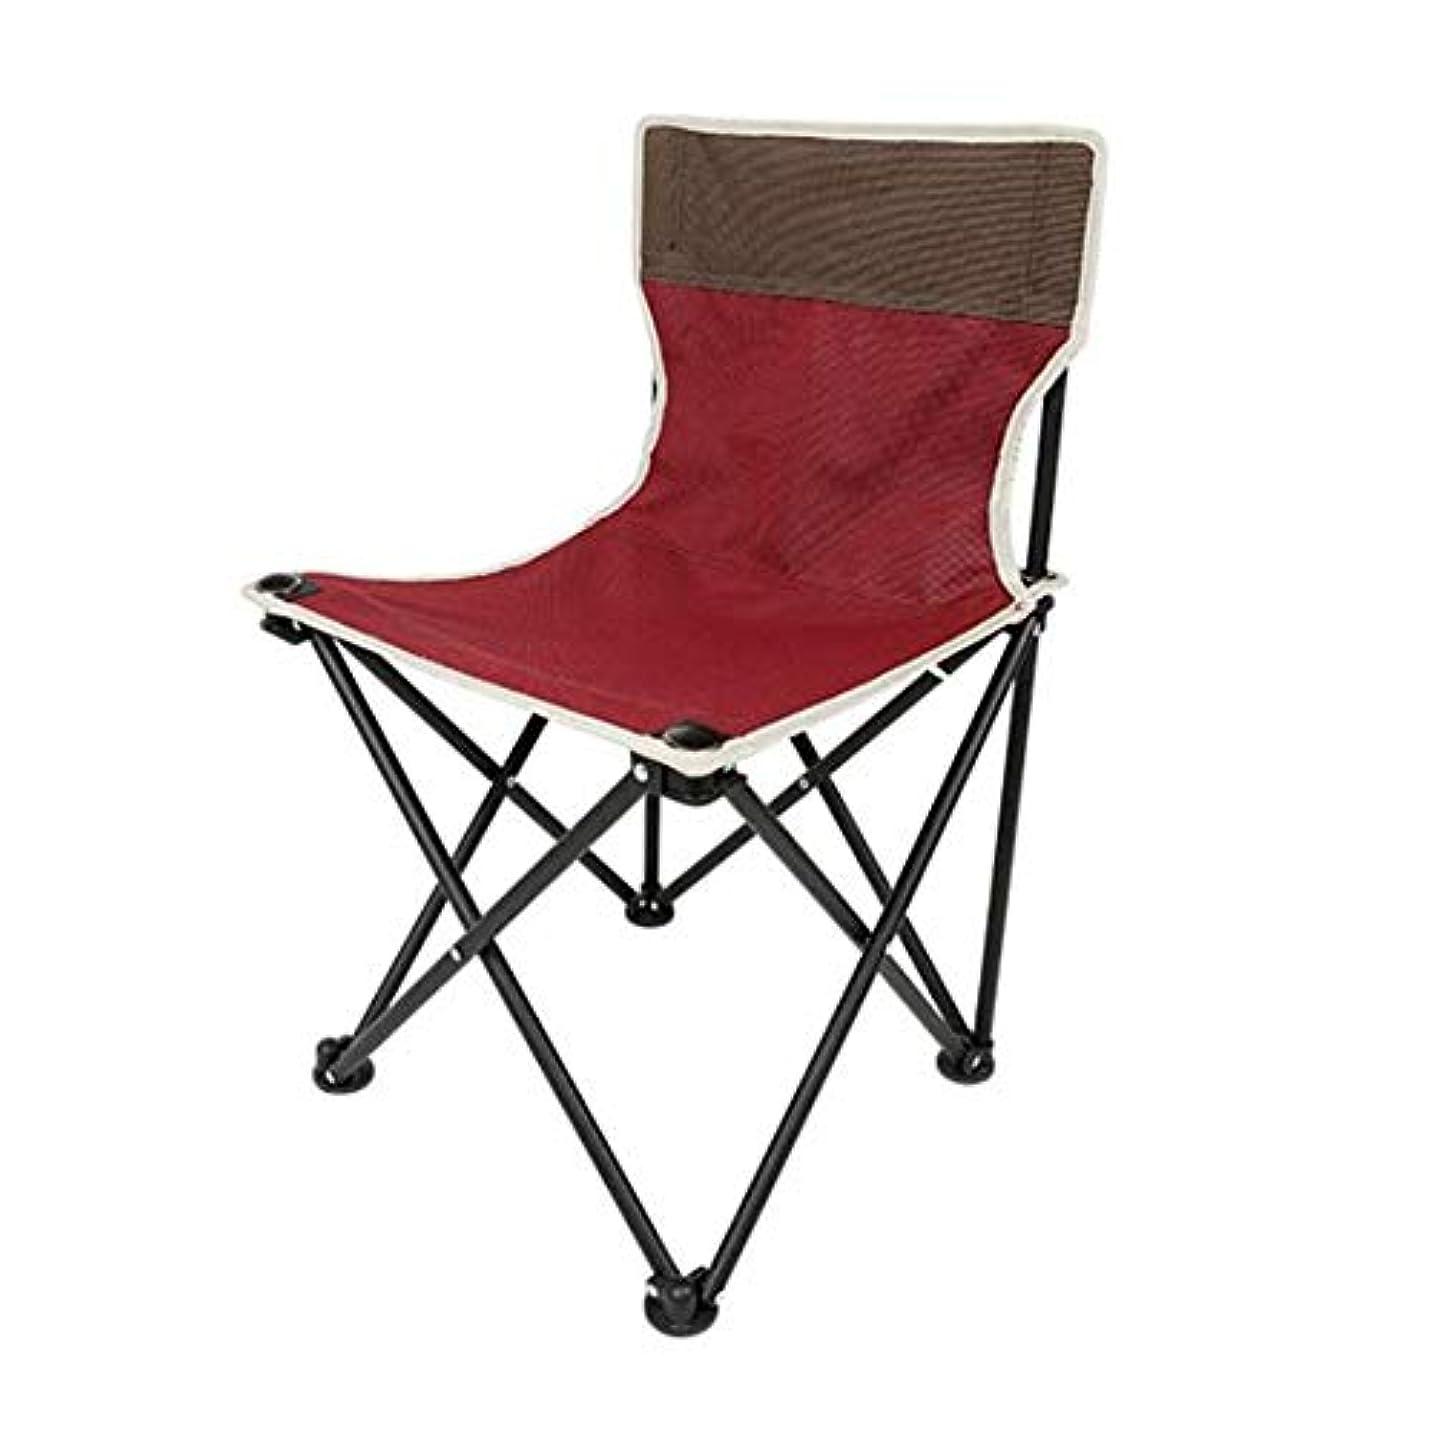 電子レンジ鮮やかな知り合い折りたたみ椅子、キャンプ屋外折りたたみ椅子ポータブルキャンプレジャー小さな椅子釣りスケッチ公園ビーチチェアスツール,B